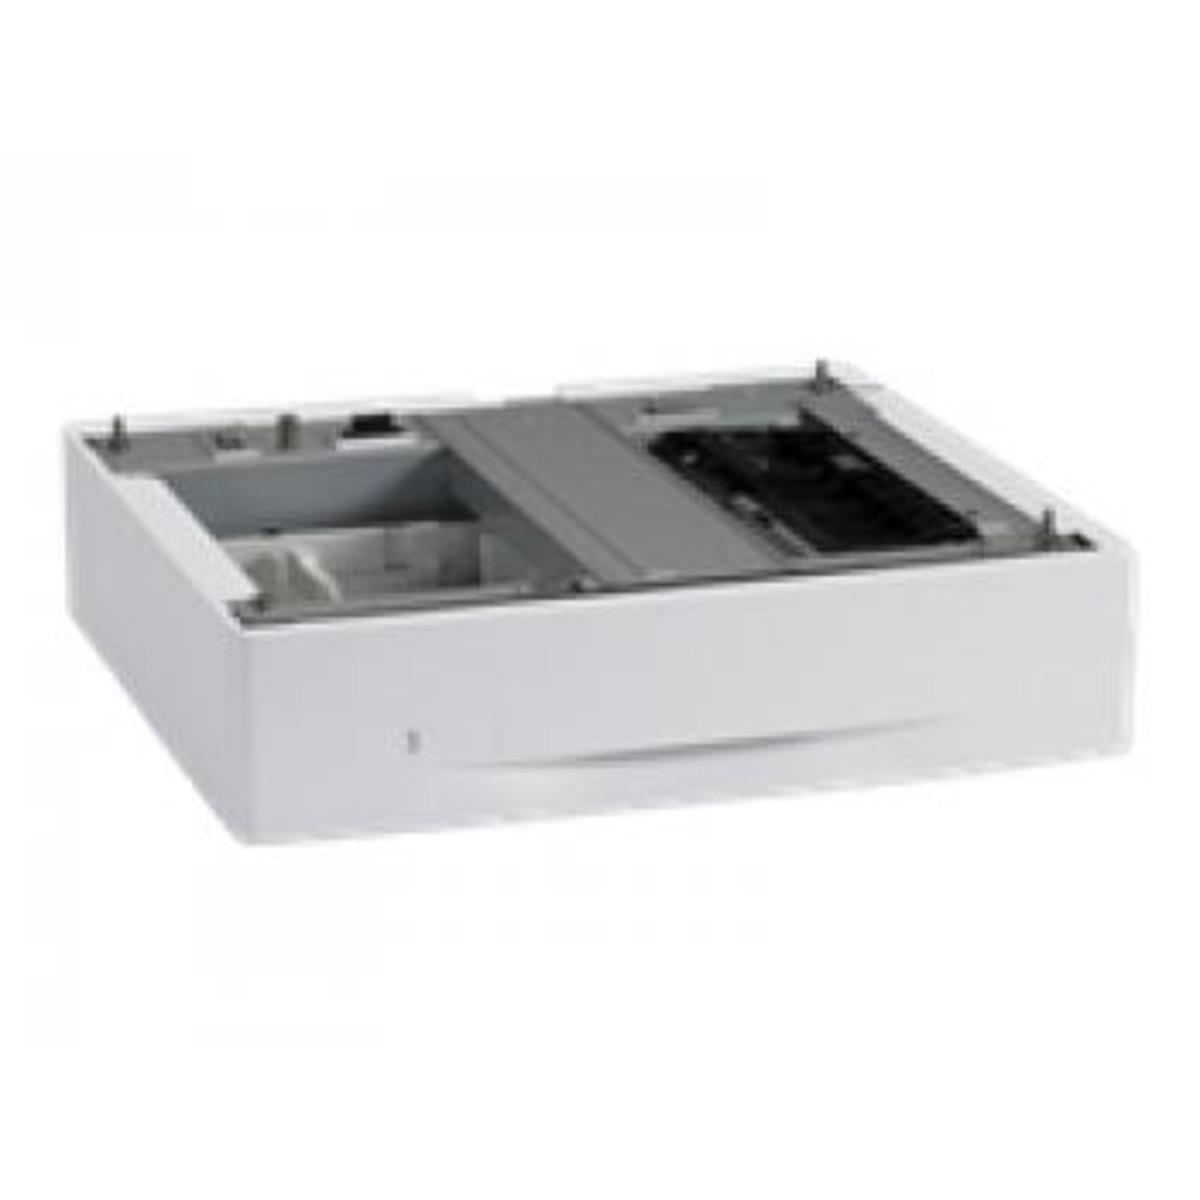 Fuji Xerox SC2022 EC103436 One Tray Module 500 Sheets